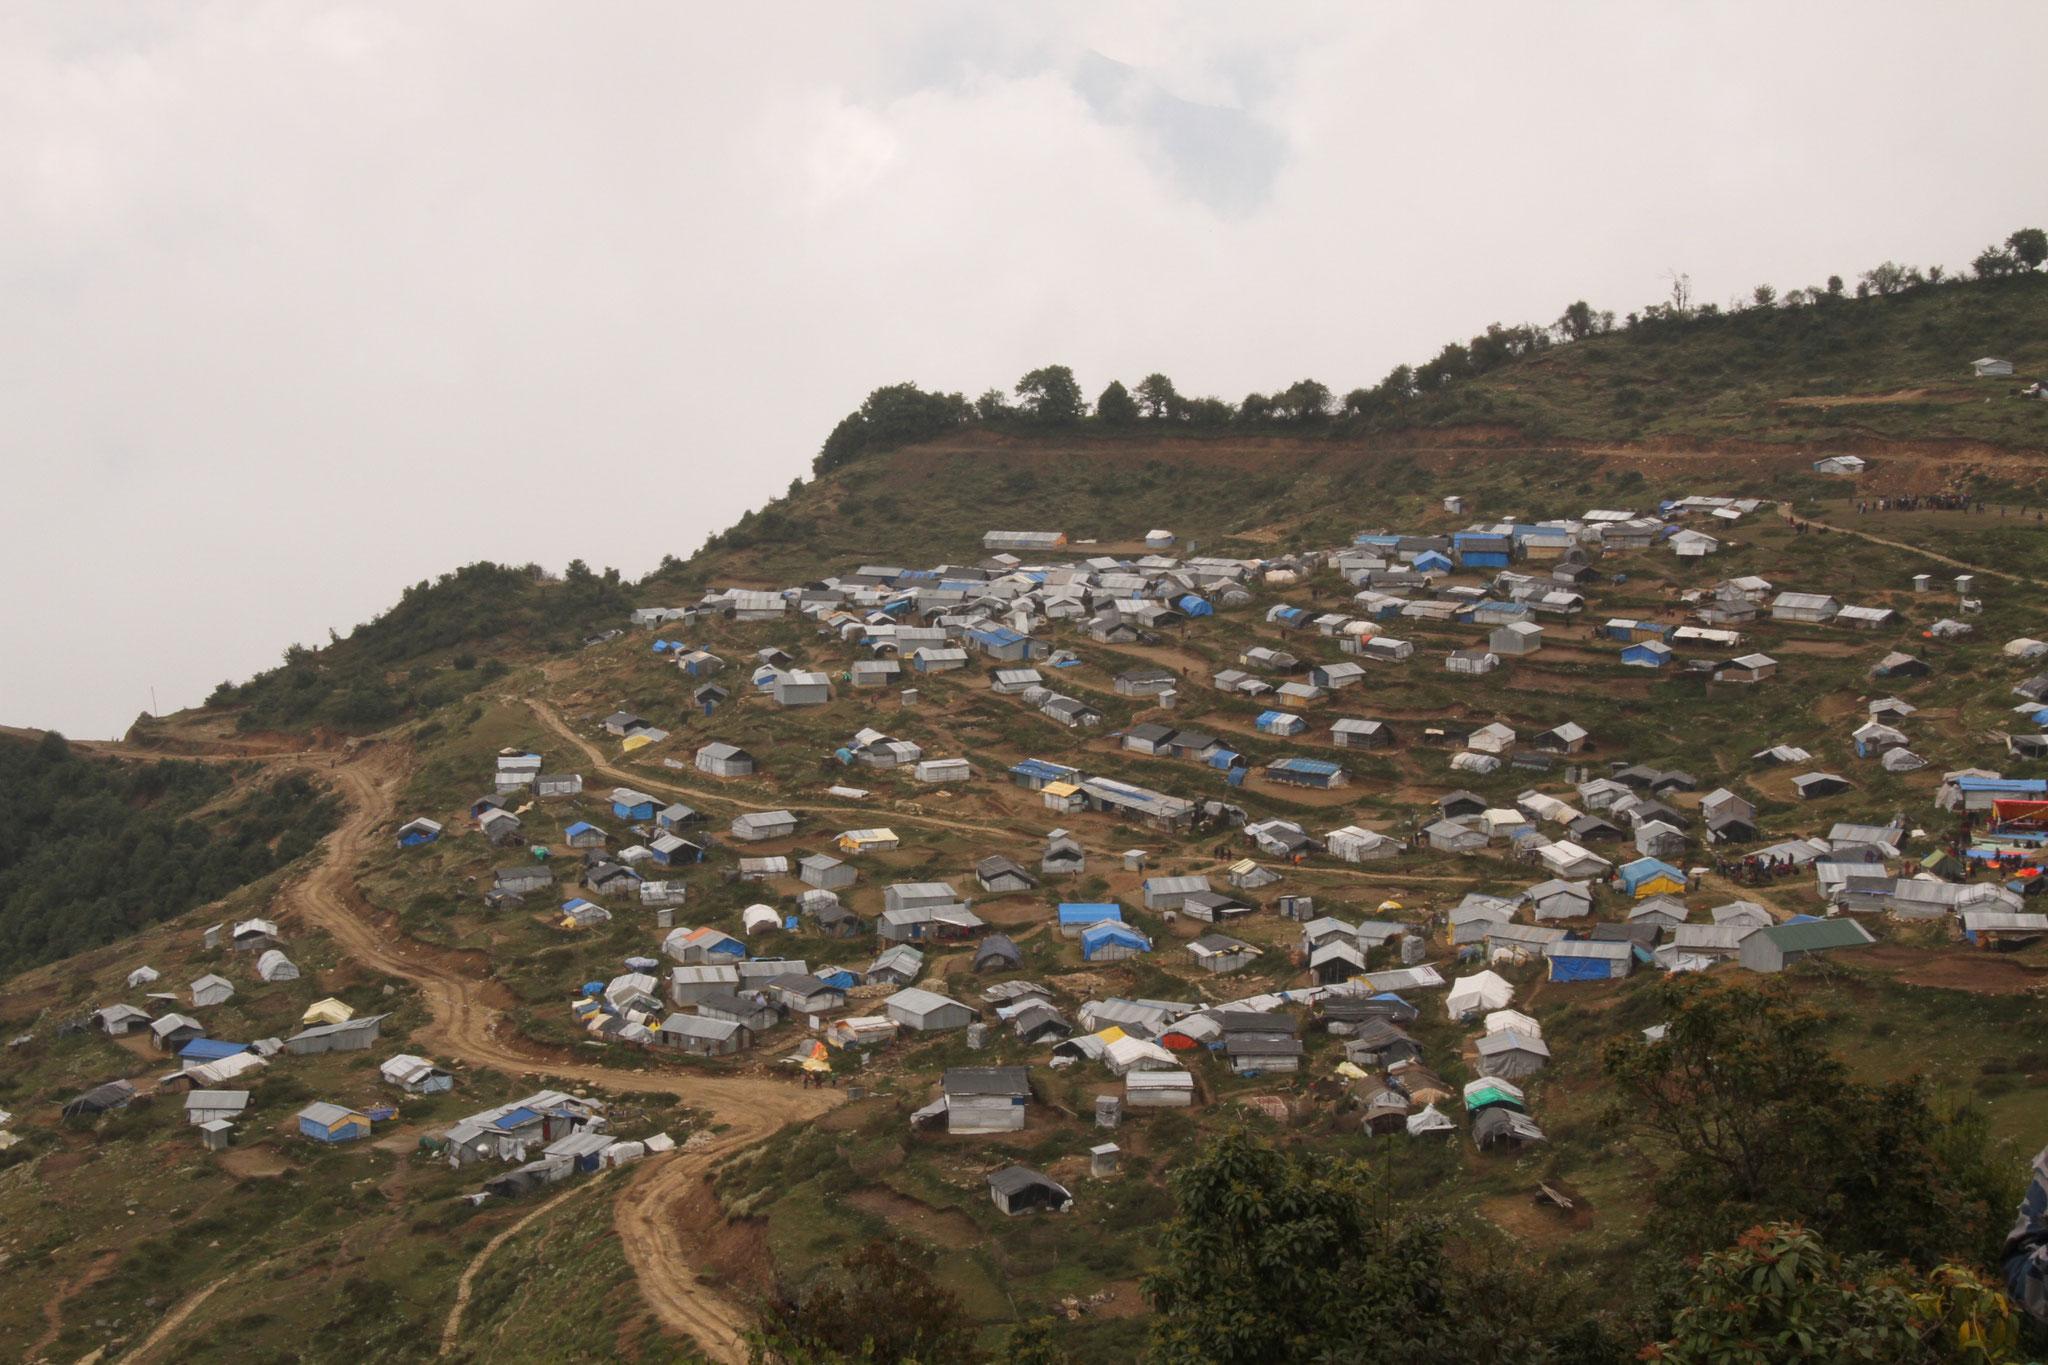 ein neues Dorf wird gebaut - Folge des Erdbebens